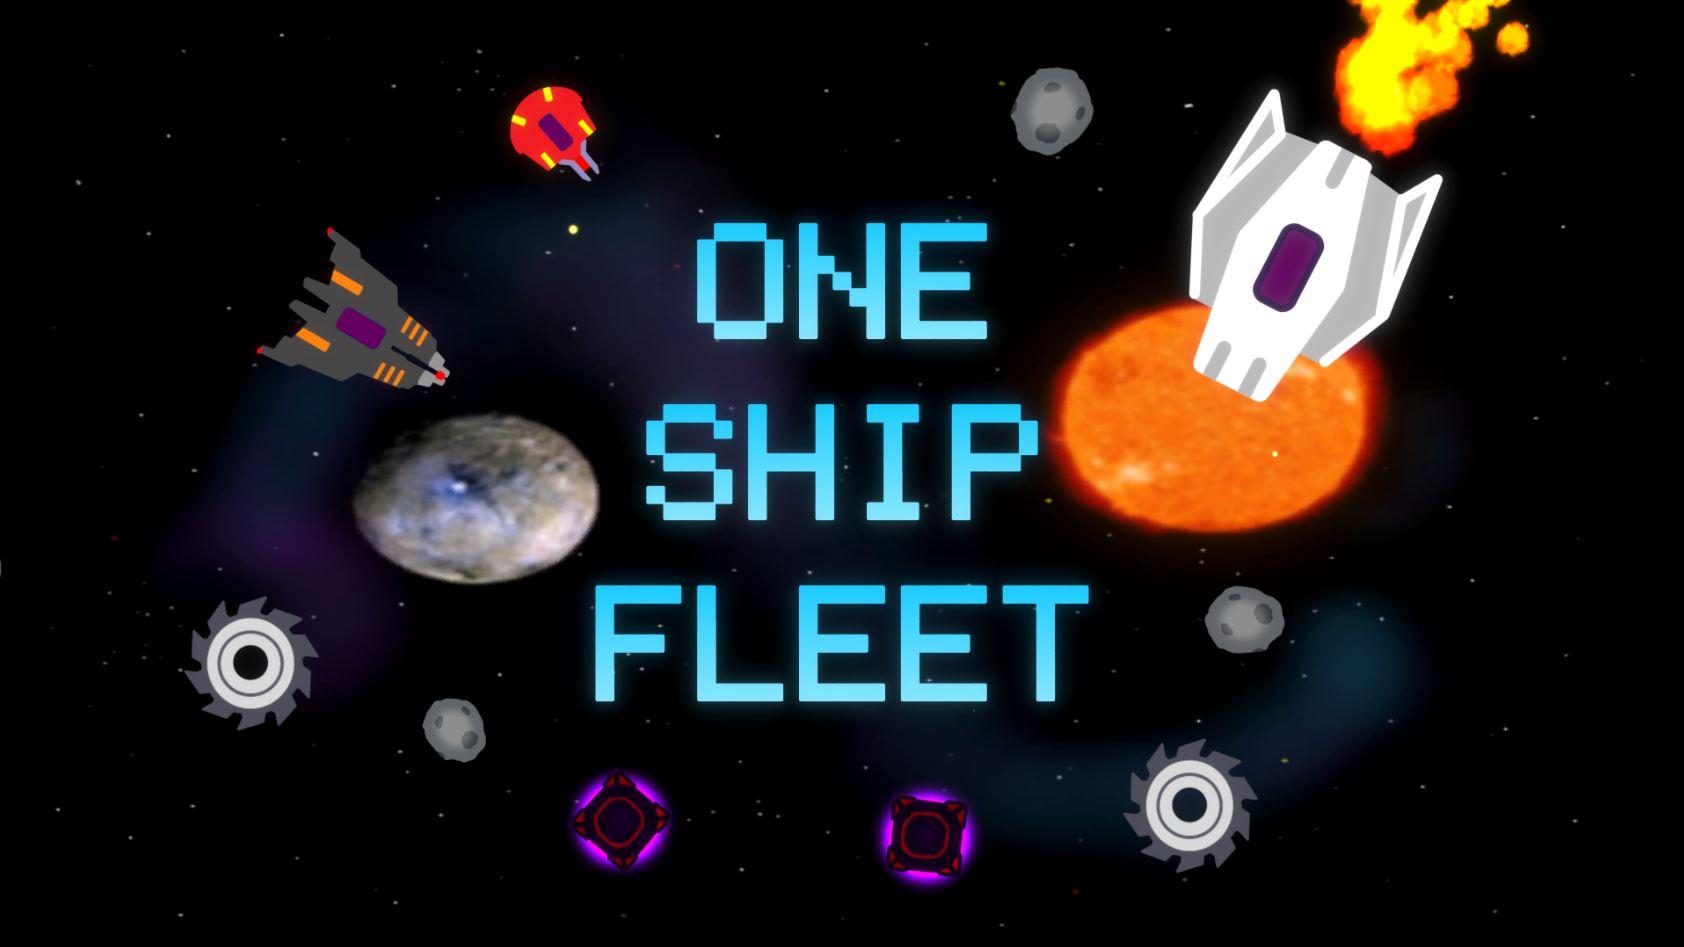 One Ship Fleet